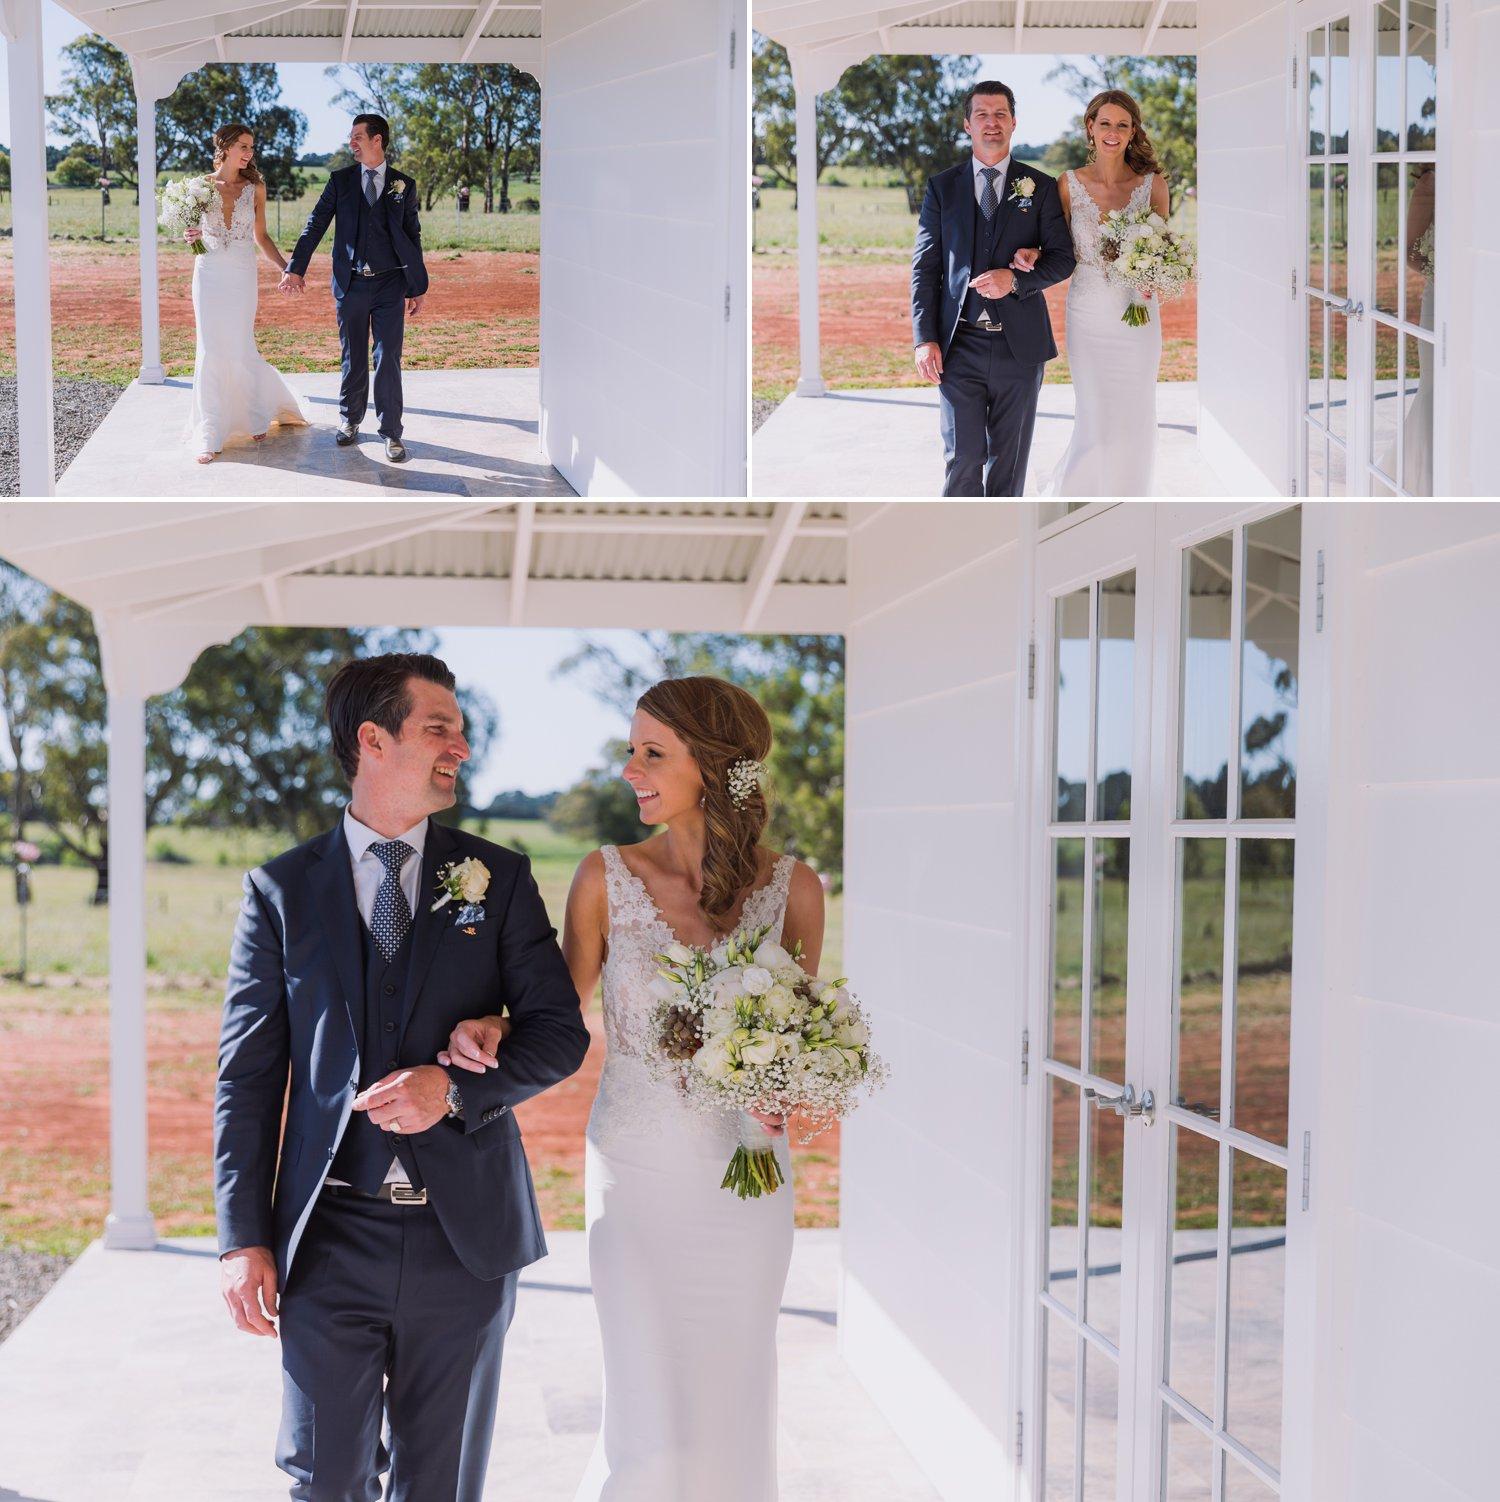 Tim & Carolyn_Millthorpe wedding photography_feather and birch_ 21.jpg